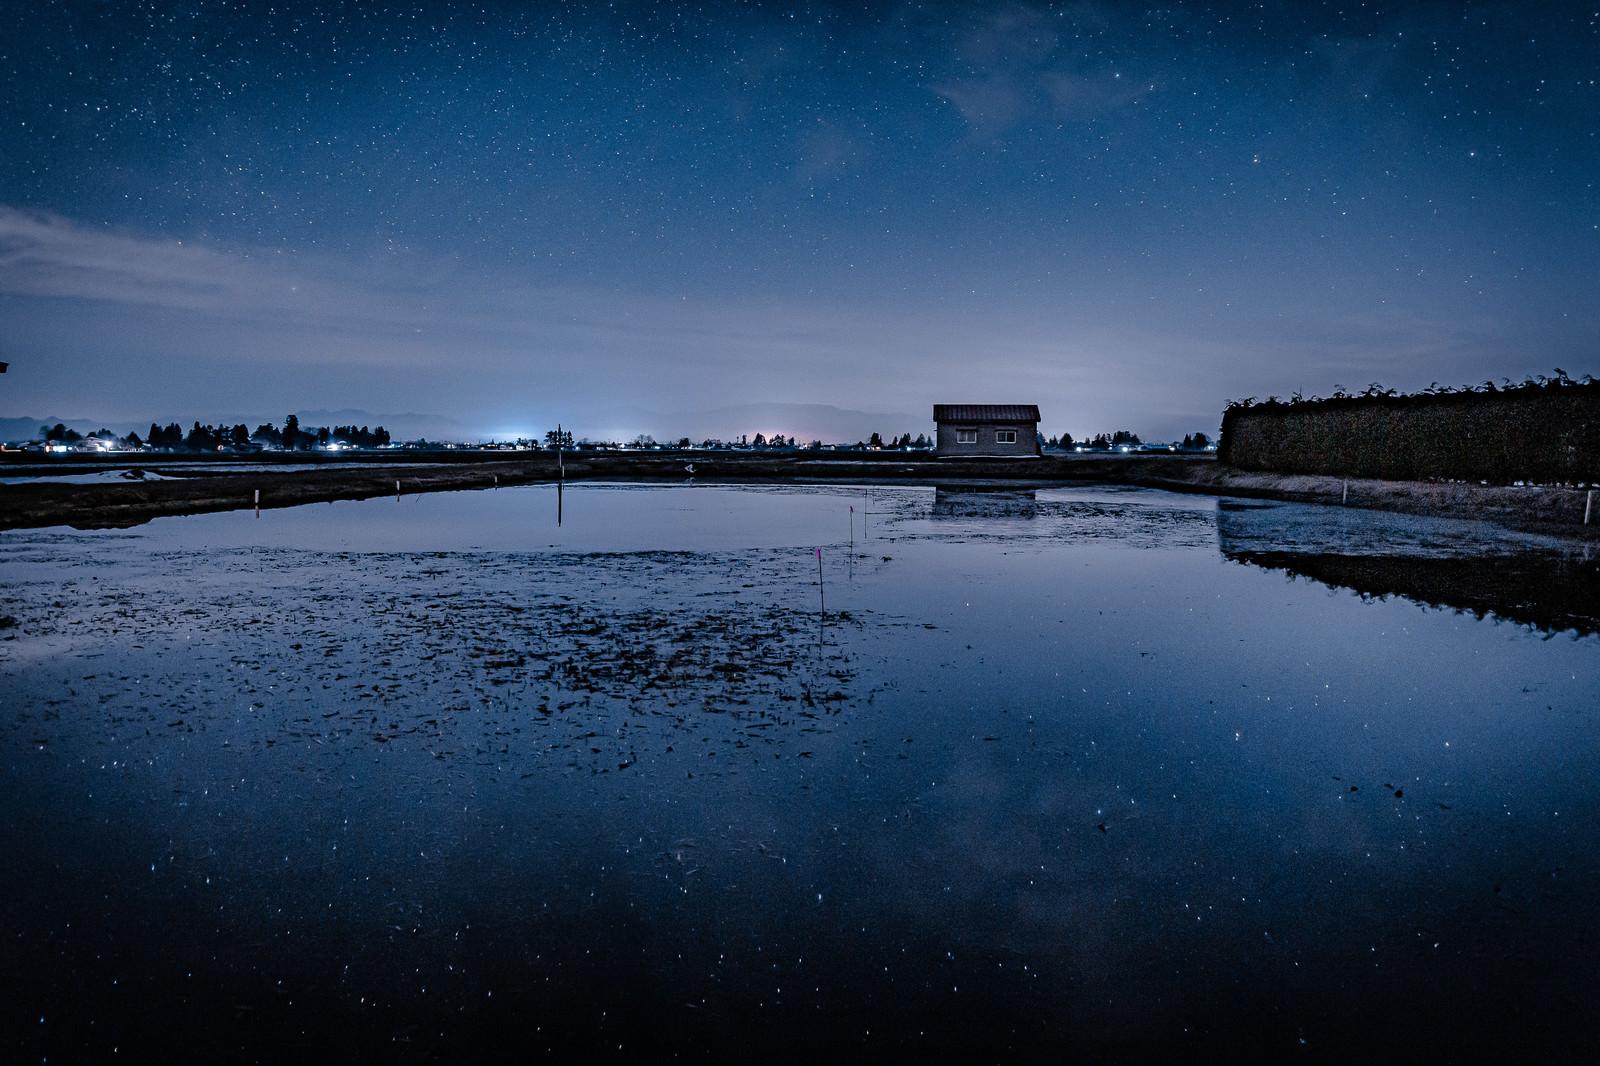 「セリ畑に映る星空」の写真